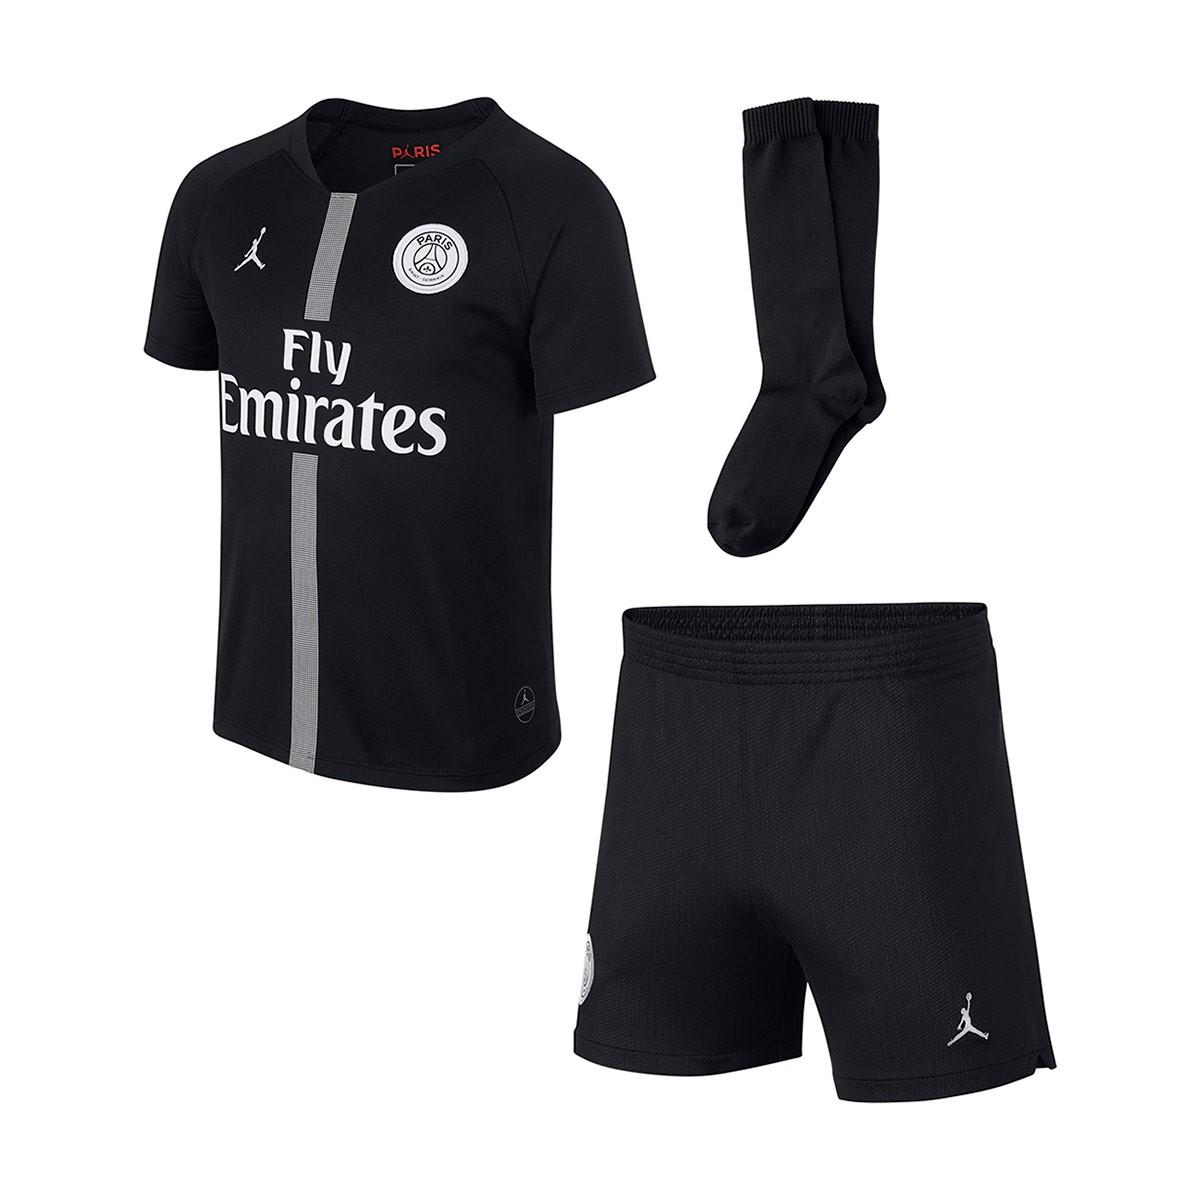 Allenamento Paris Saint-Germain vesti